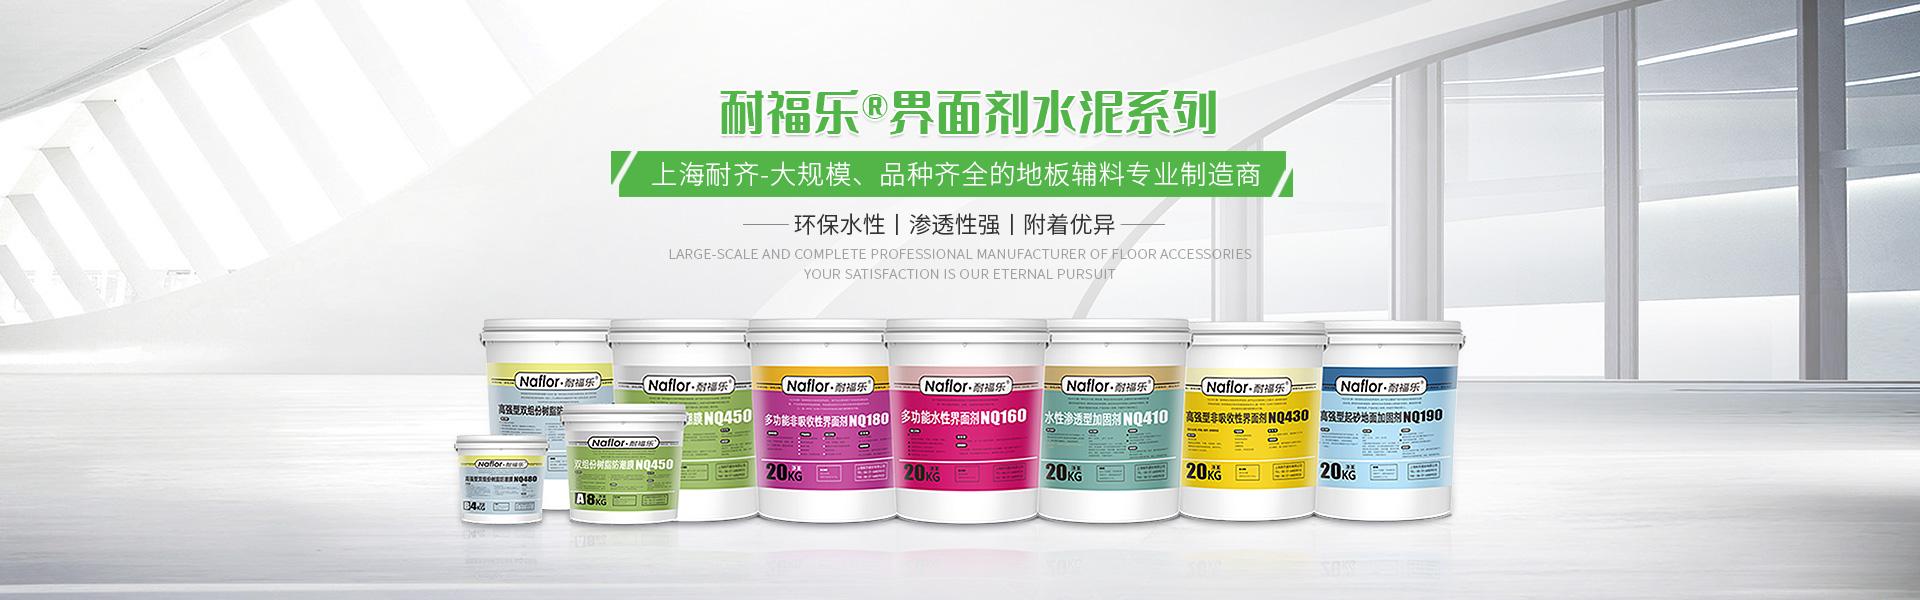 上海耐齐建材有限公司